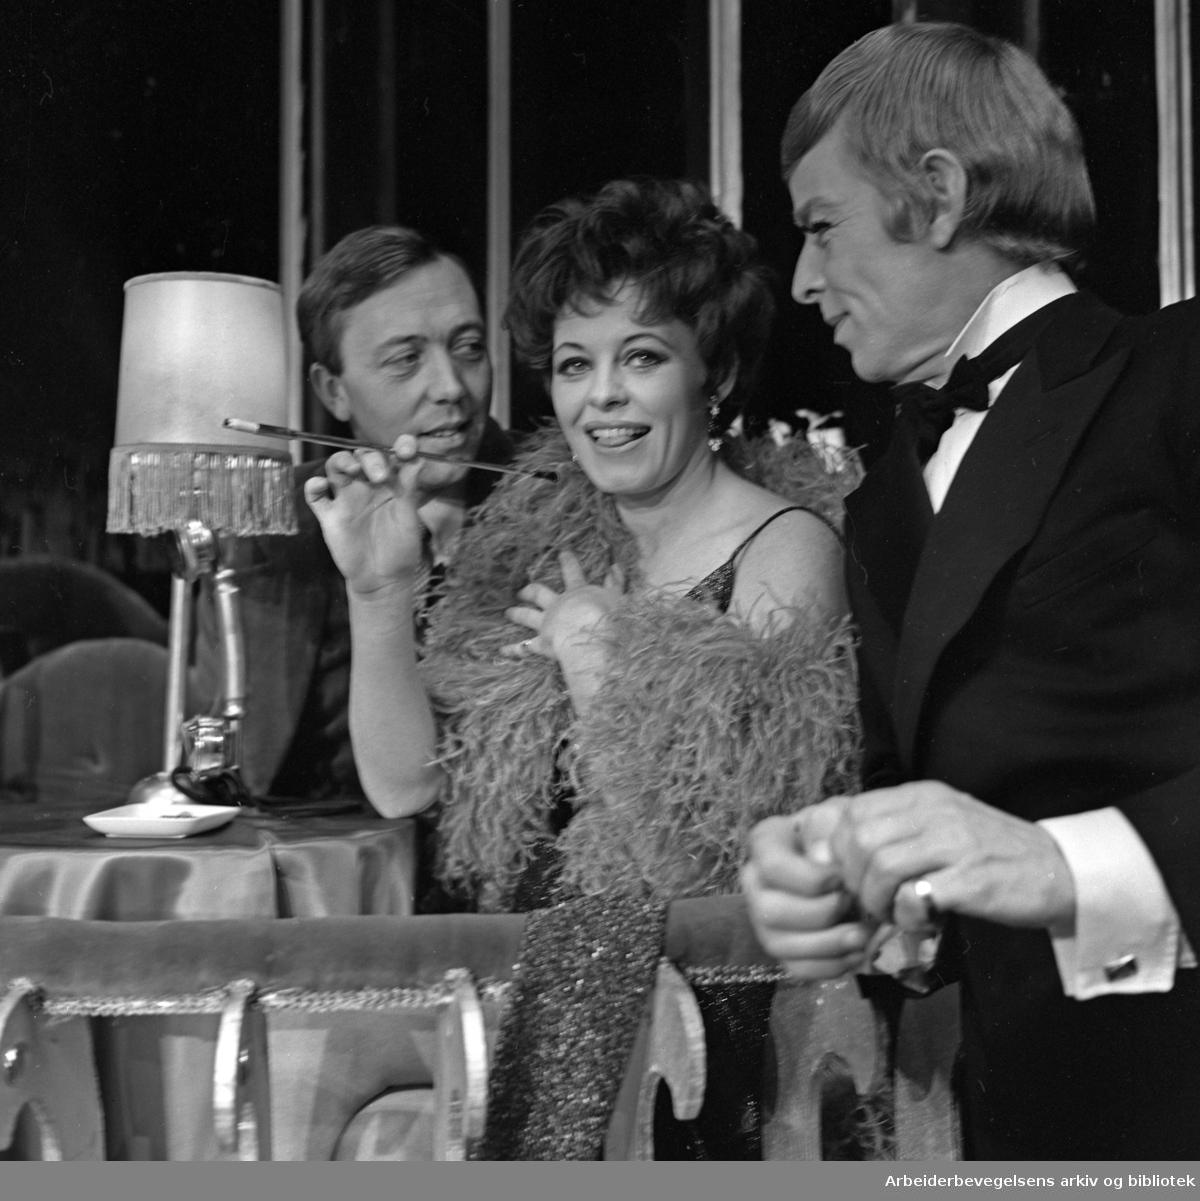 Oslo Nye Teater. .CABARET. Premiere 08.11.1968..Kari Simonsen i rollen som Sally Bowles, flankert av Per Theodor Haugen (tv) og en av danserne.